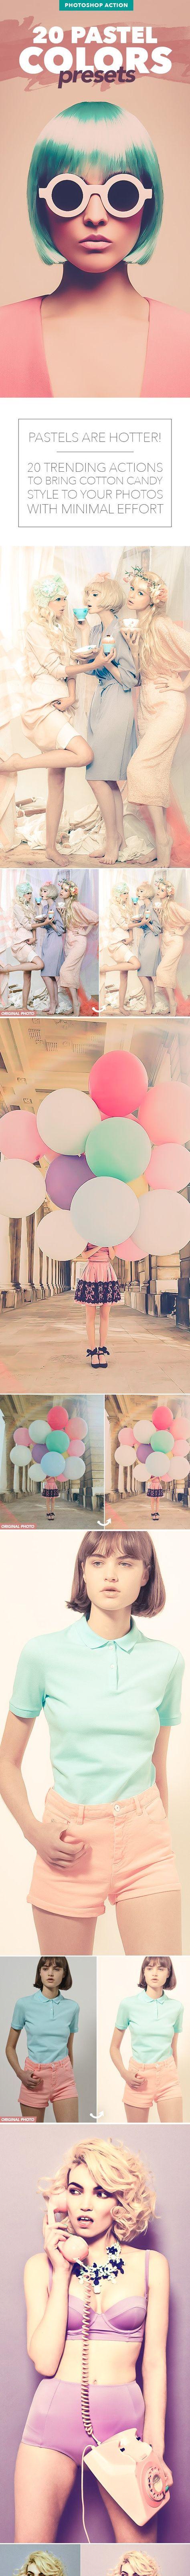 20 Pastel Colors Presets - Photoshop Action